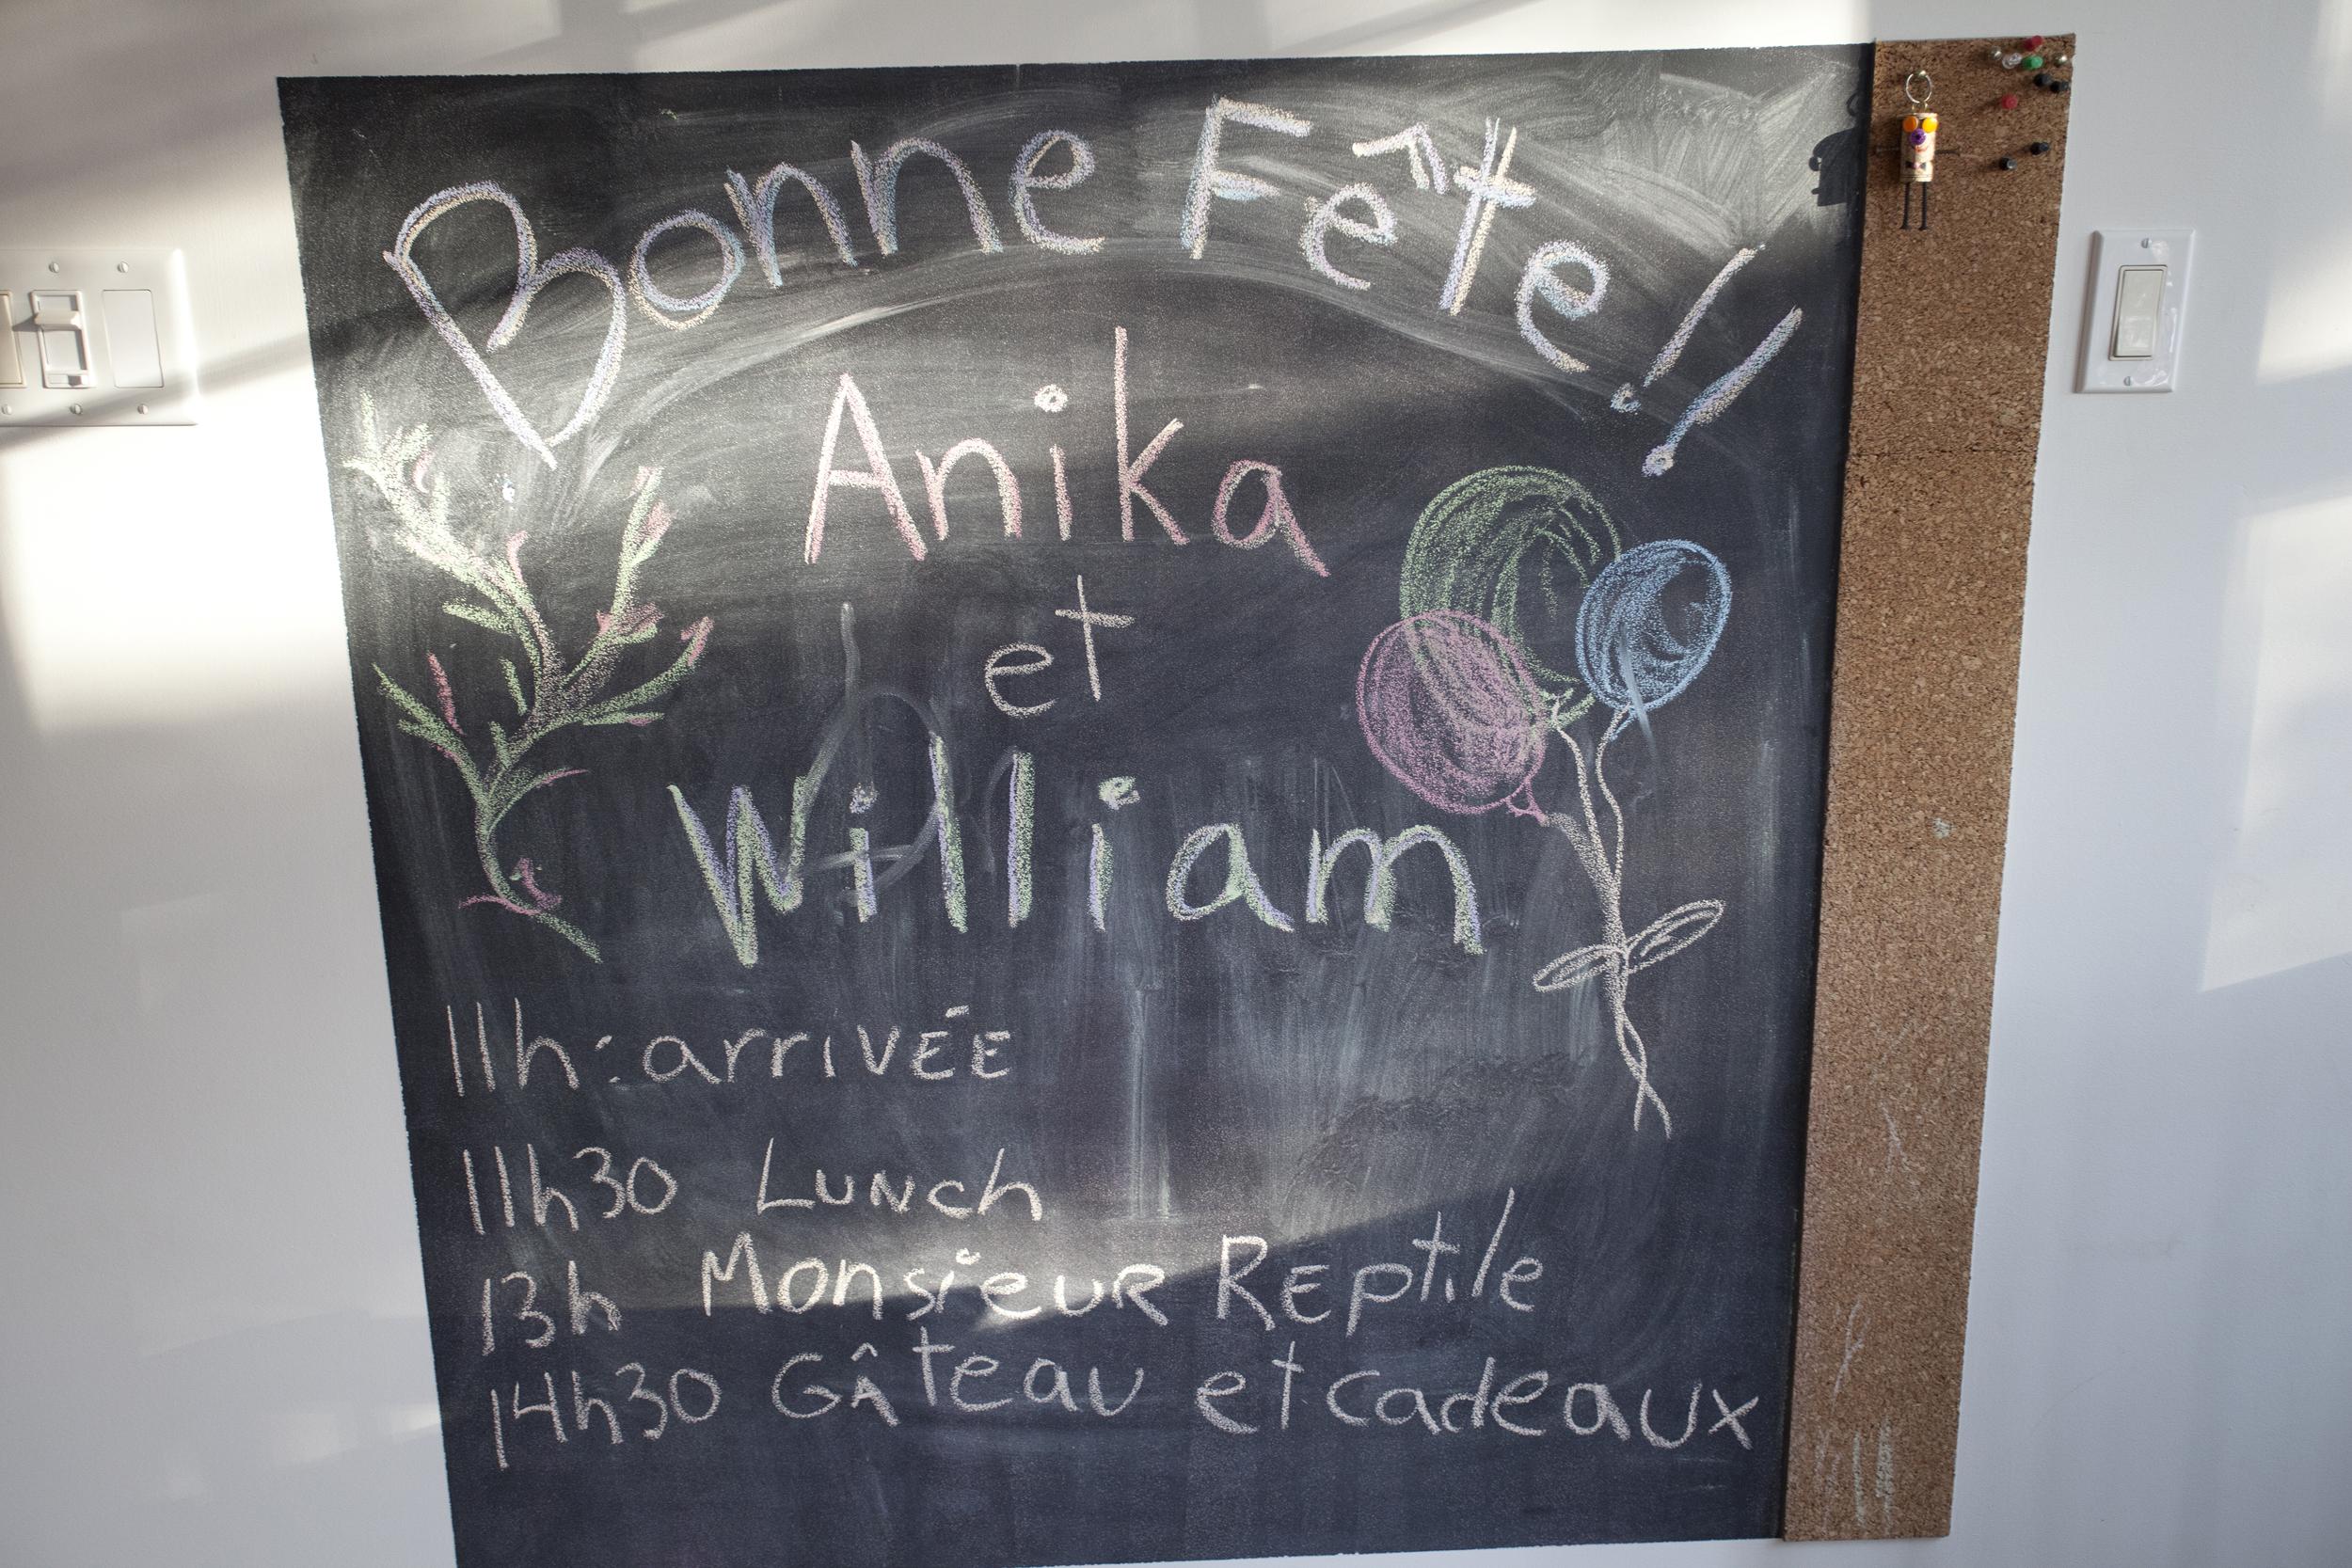 Fete_Anika_William_077.jpg